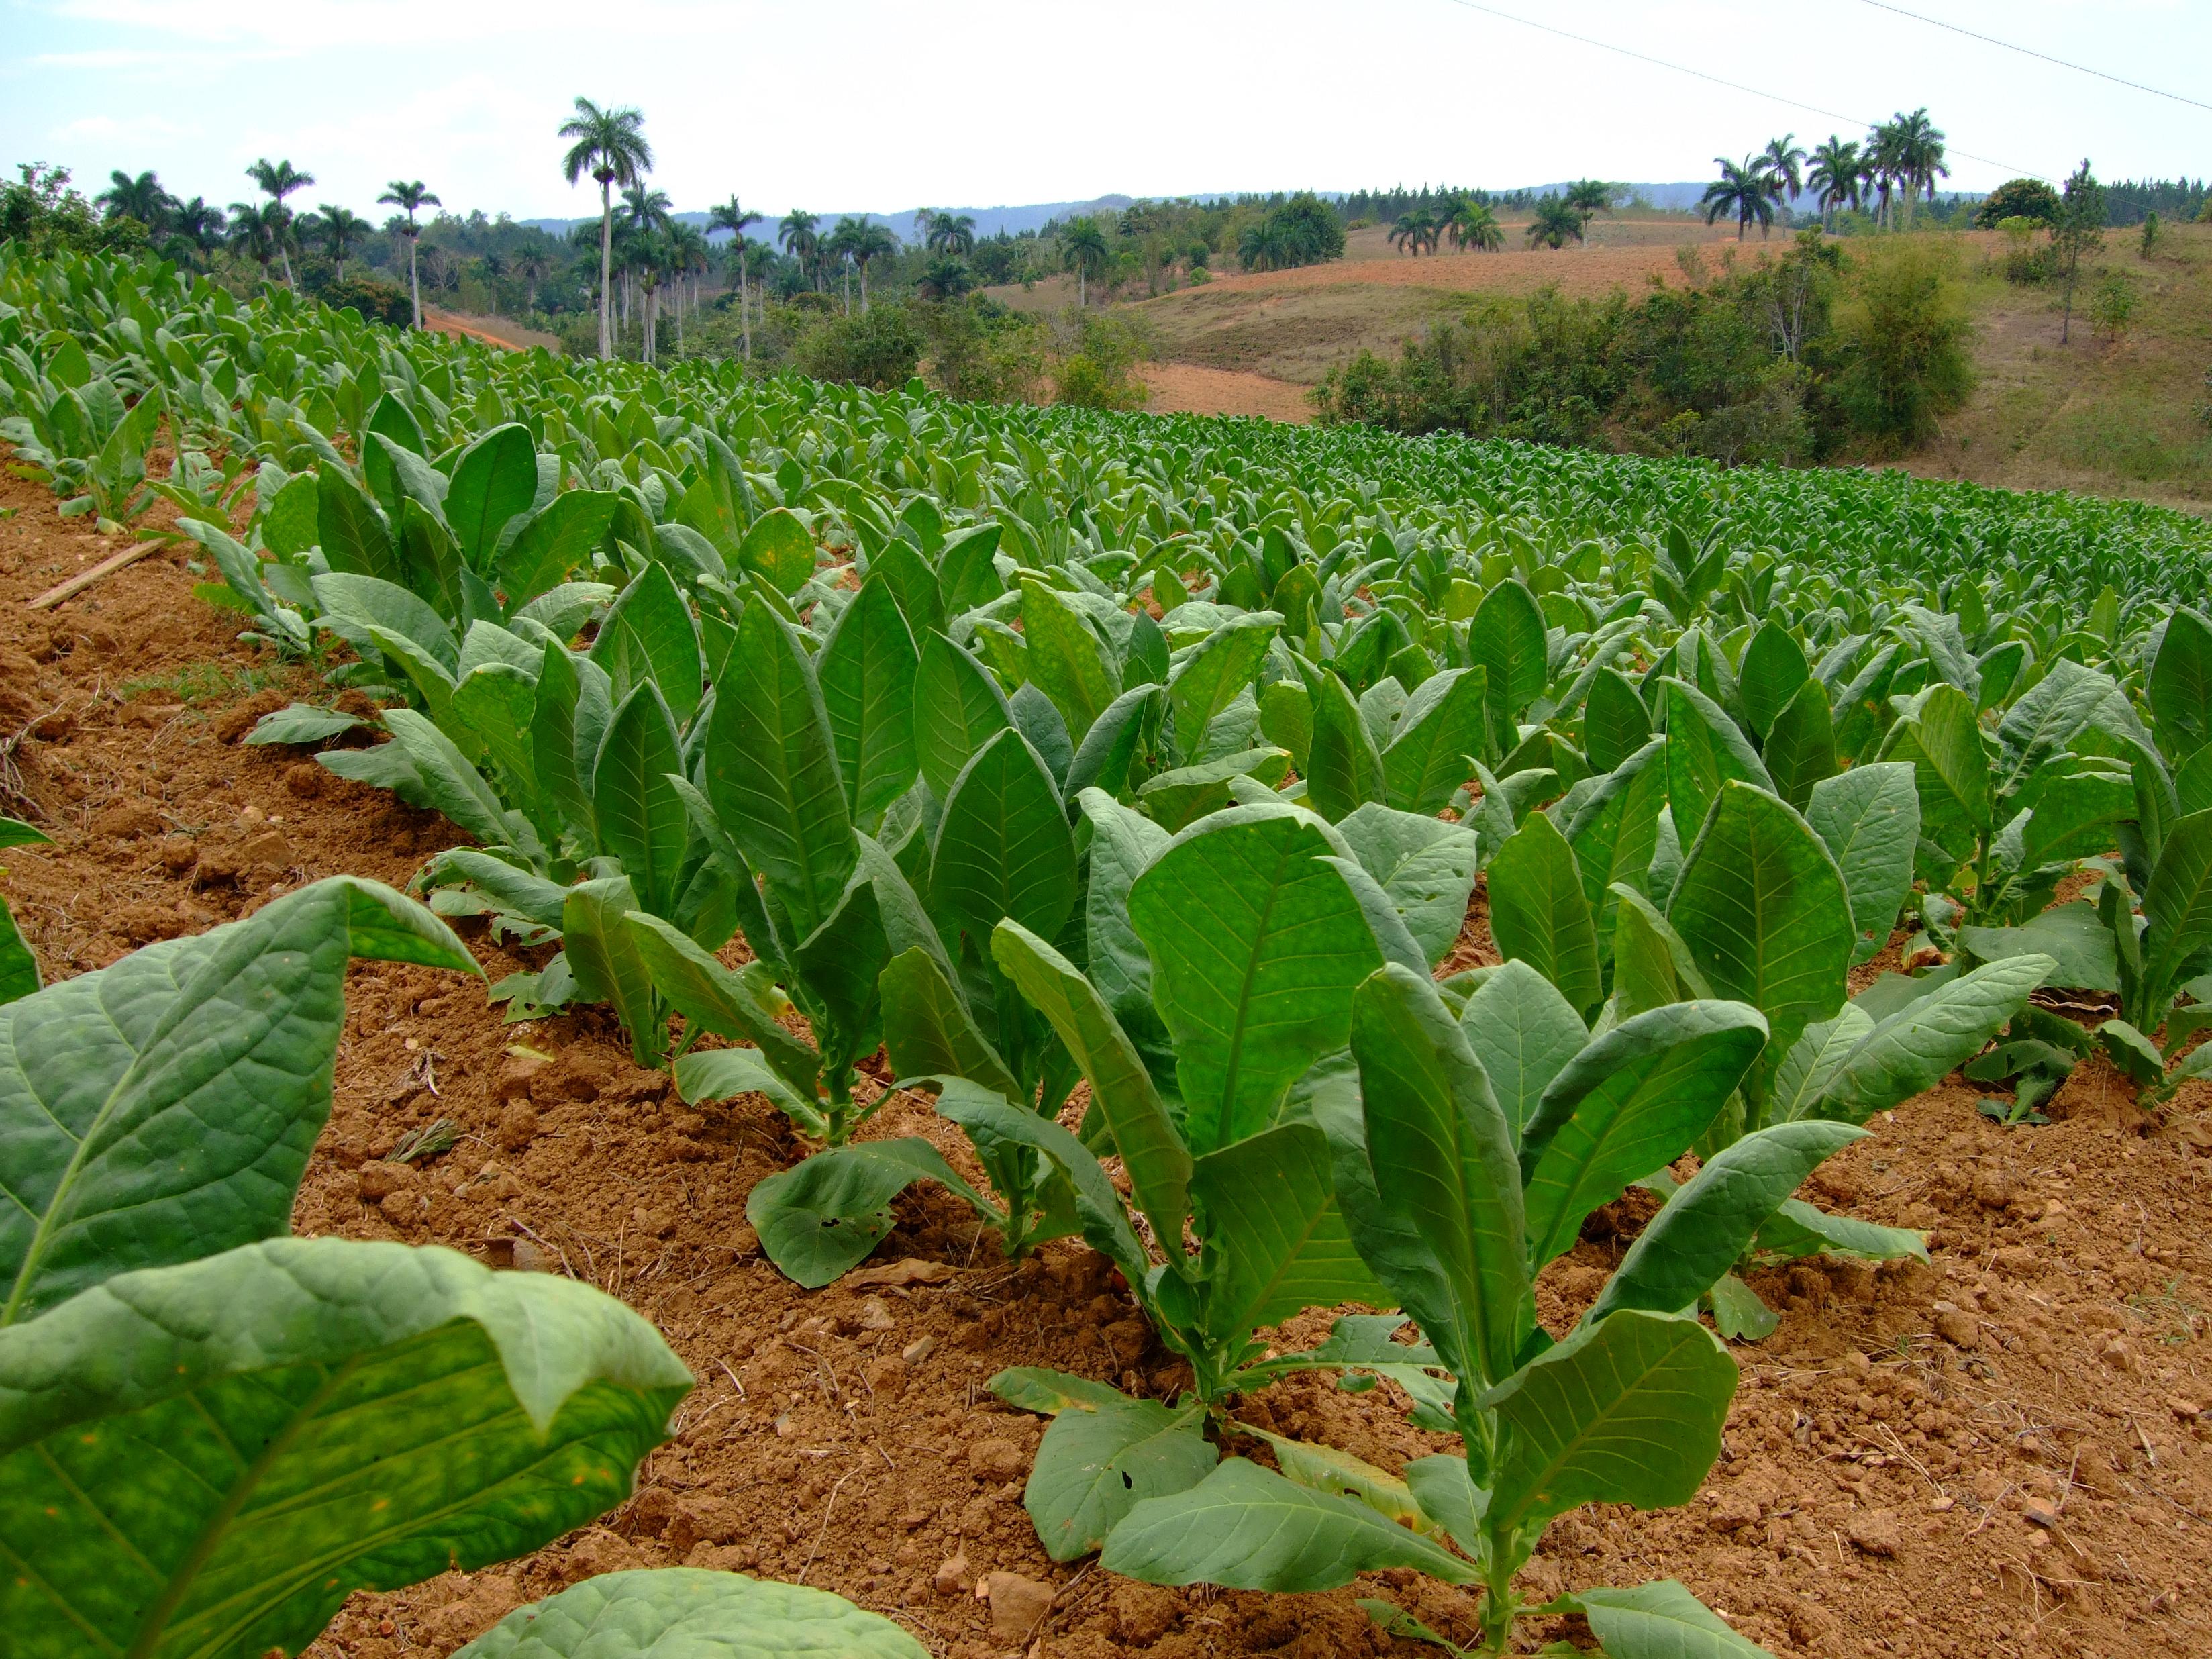 FileAJM 043 Tobacco Field In CubaJPG